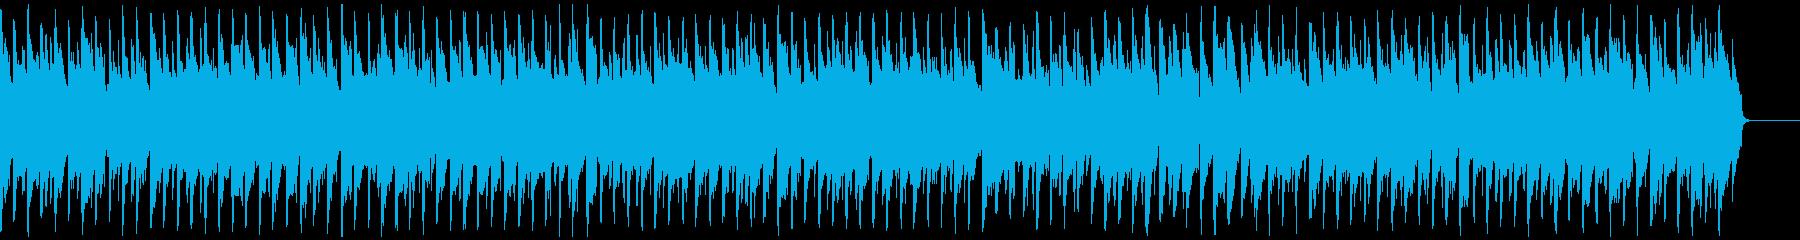 表彰式にヘンデル スネアVer メロ抜きの再生済みの波形